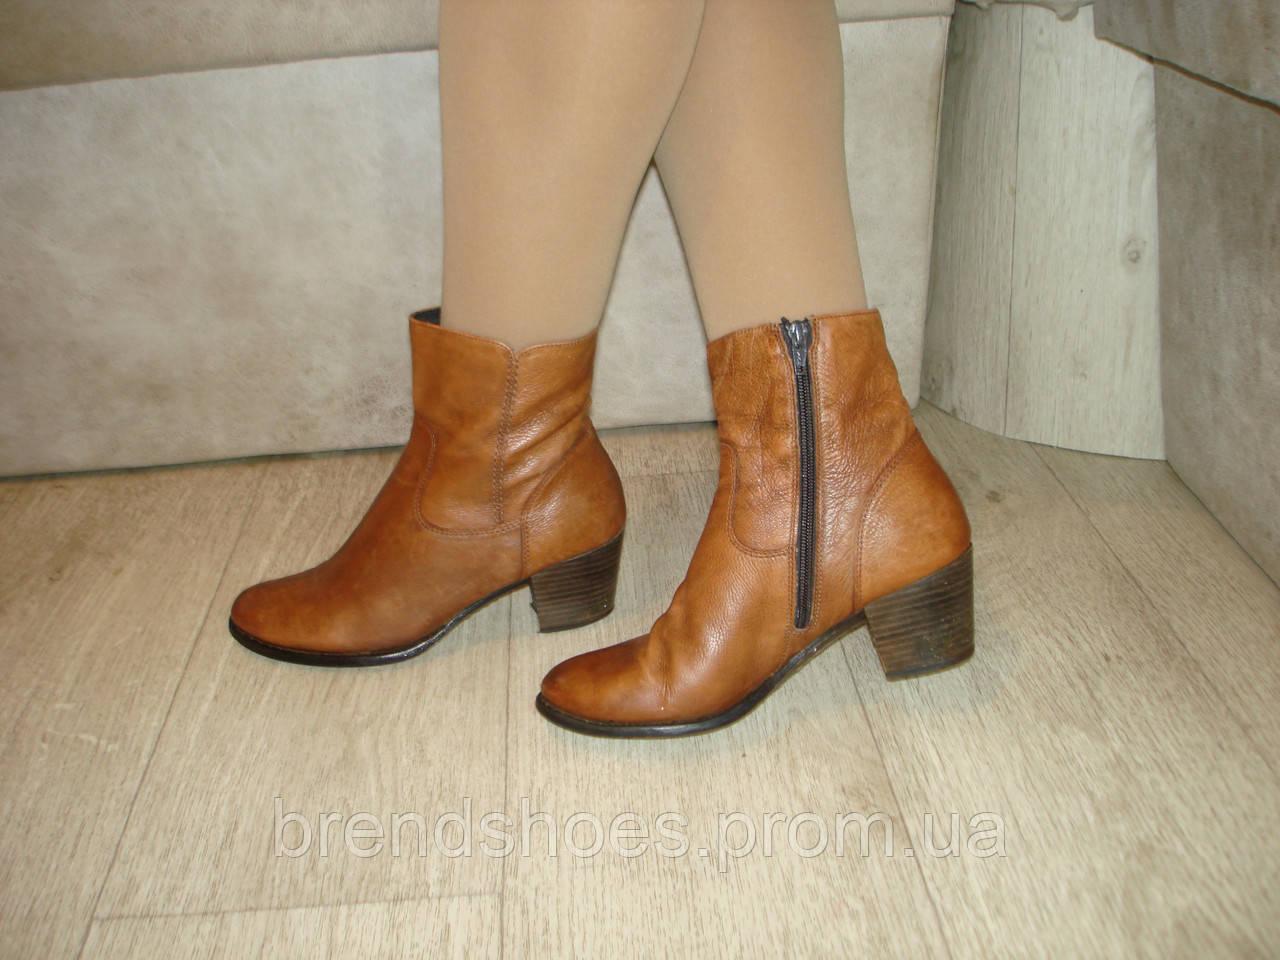 Кожаные ботинки полусапожки бренд Freeflex - Интернет-магазин